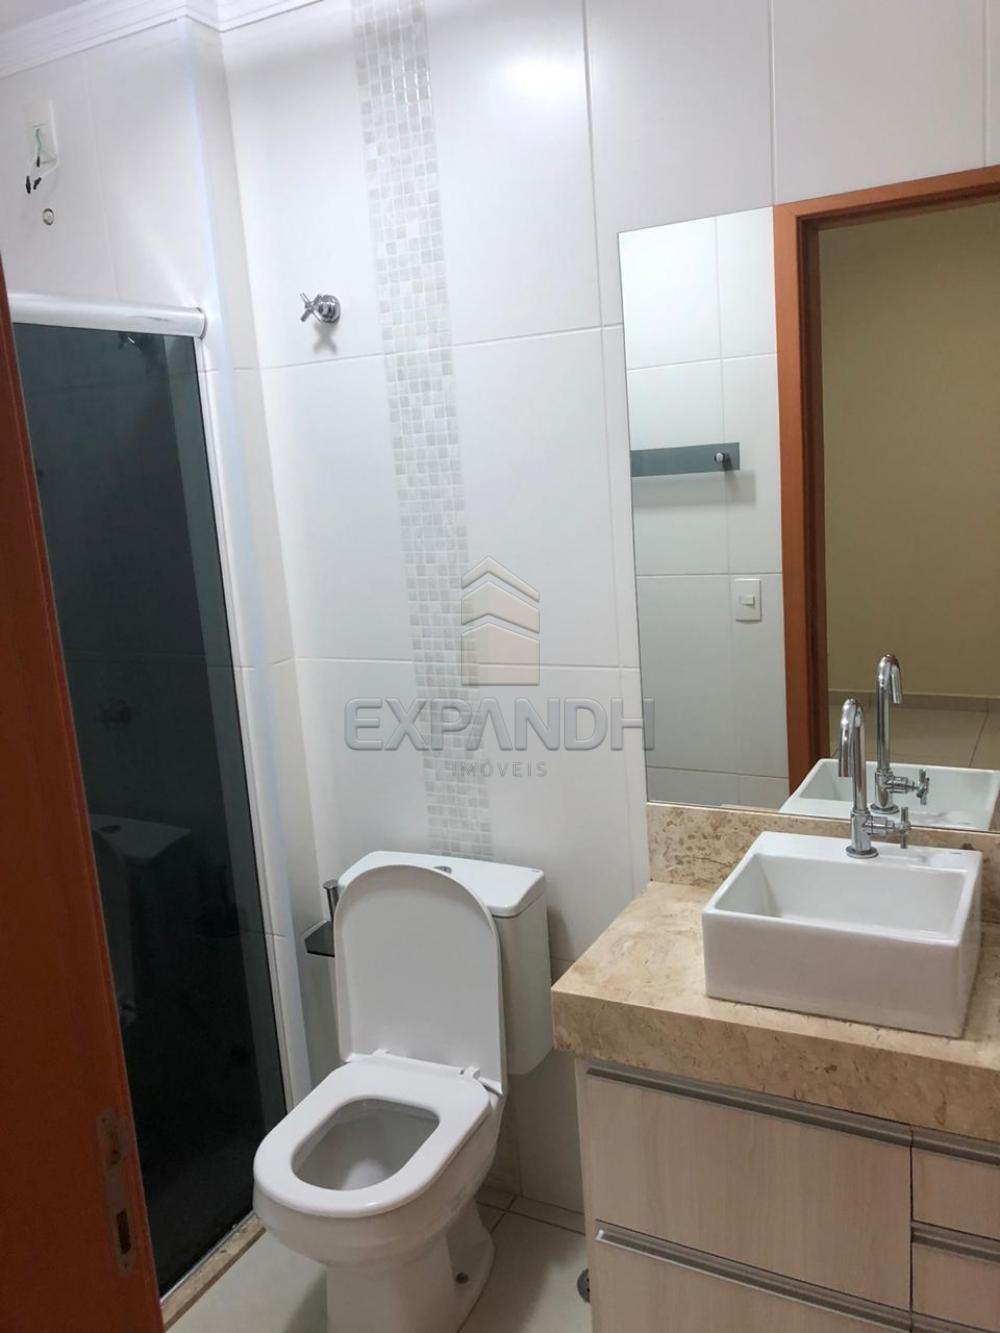 Alugar Apartamentos / Padrão em Sertãozinho apenas R$ 1.300,00 - Foto 20